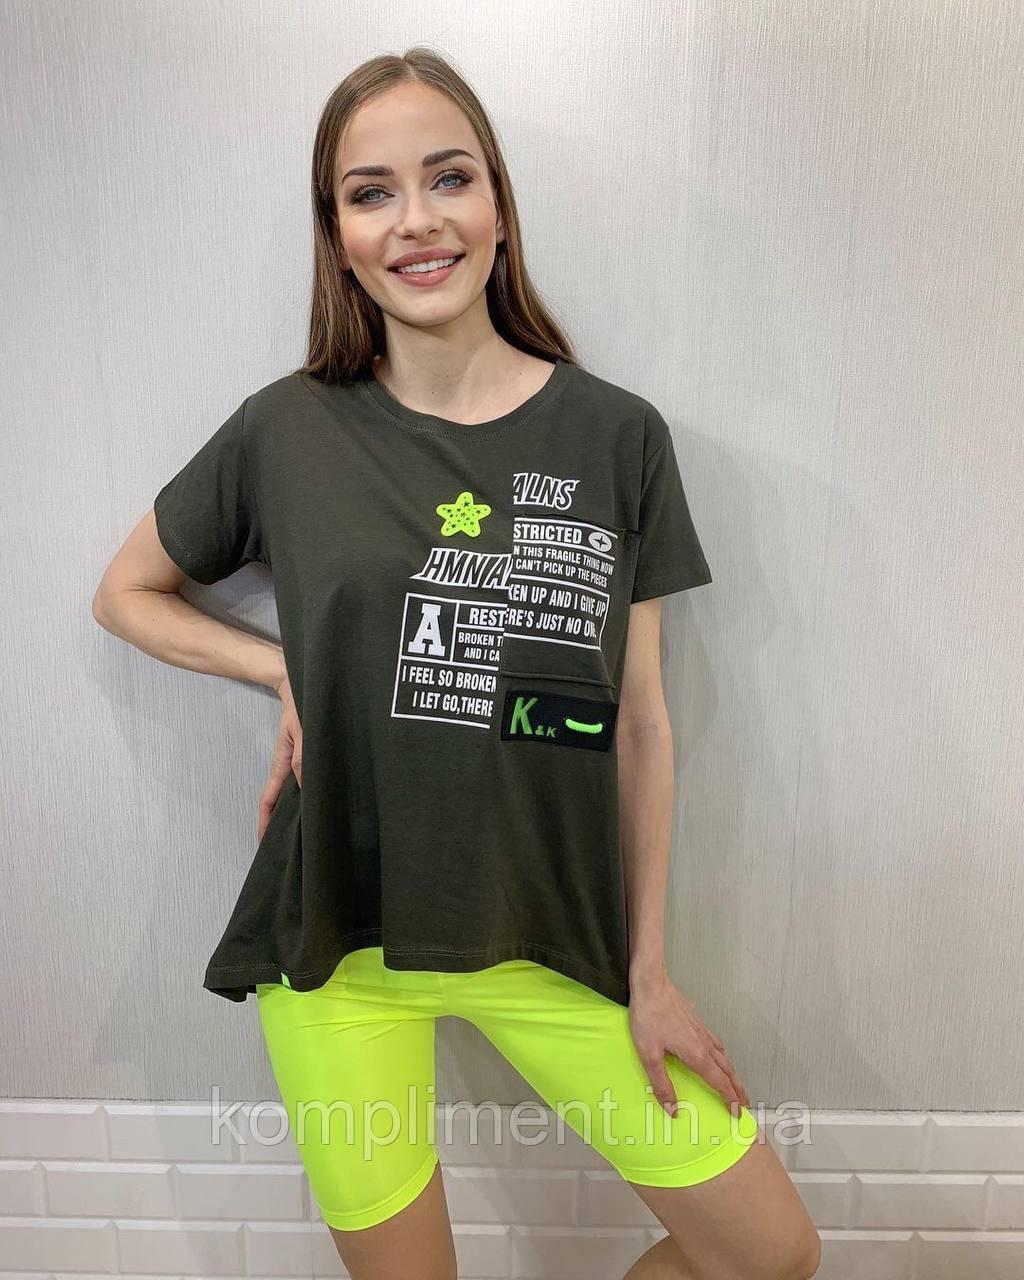 Турецкая женская трикотажная  футболка с цветной надписью, 7806